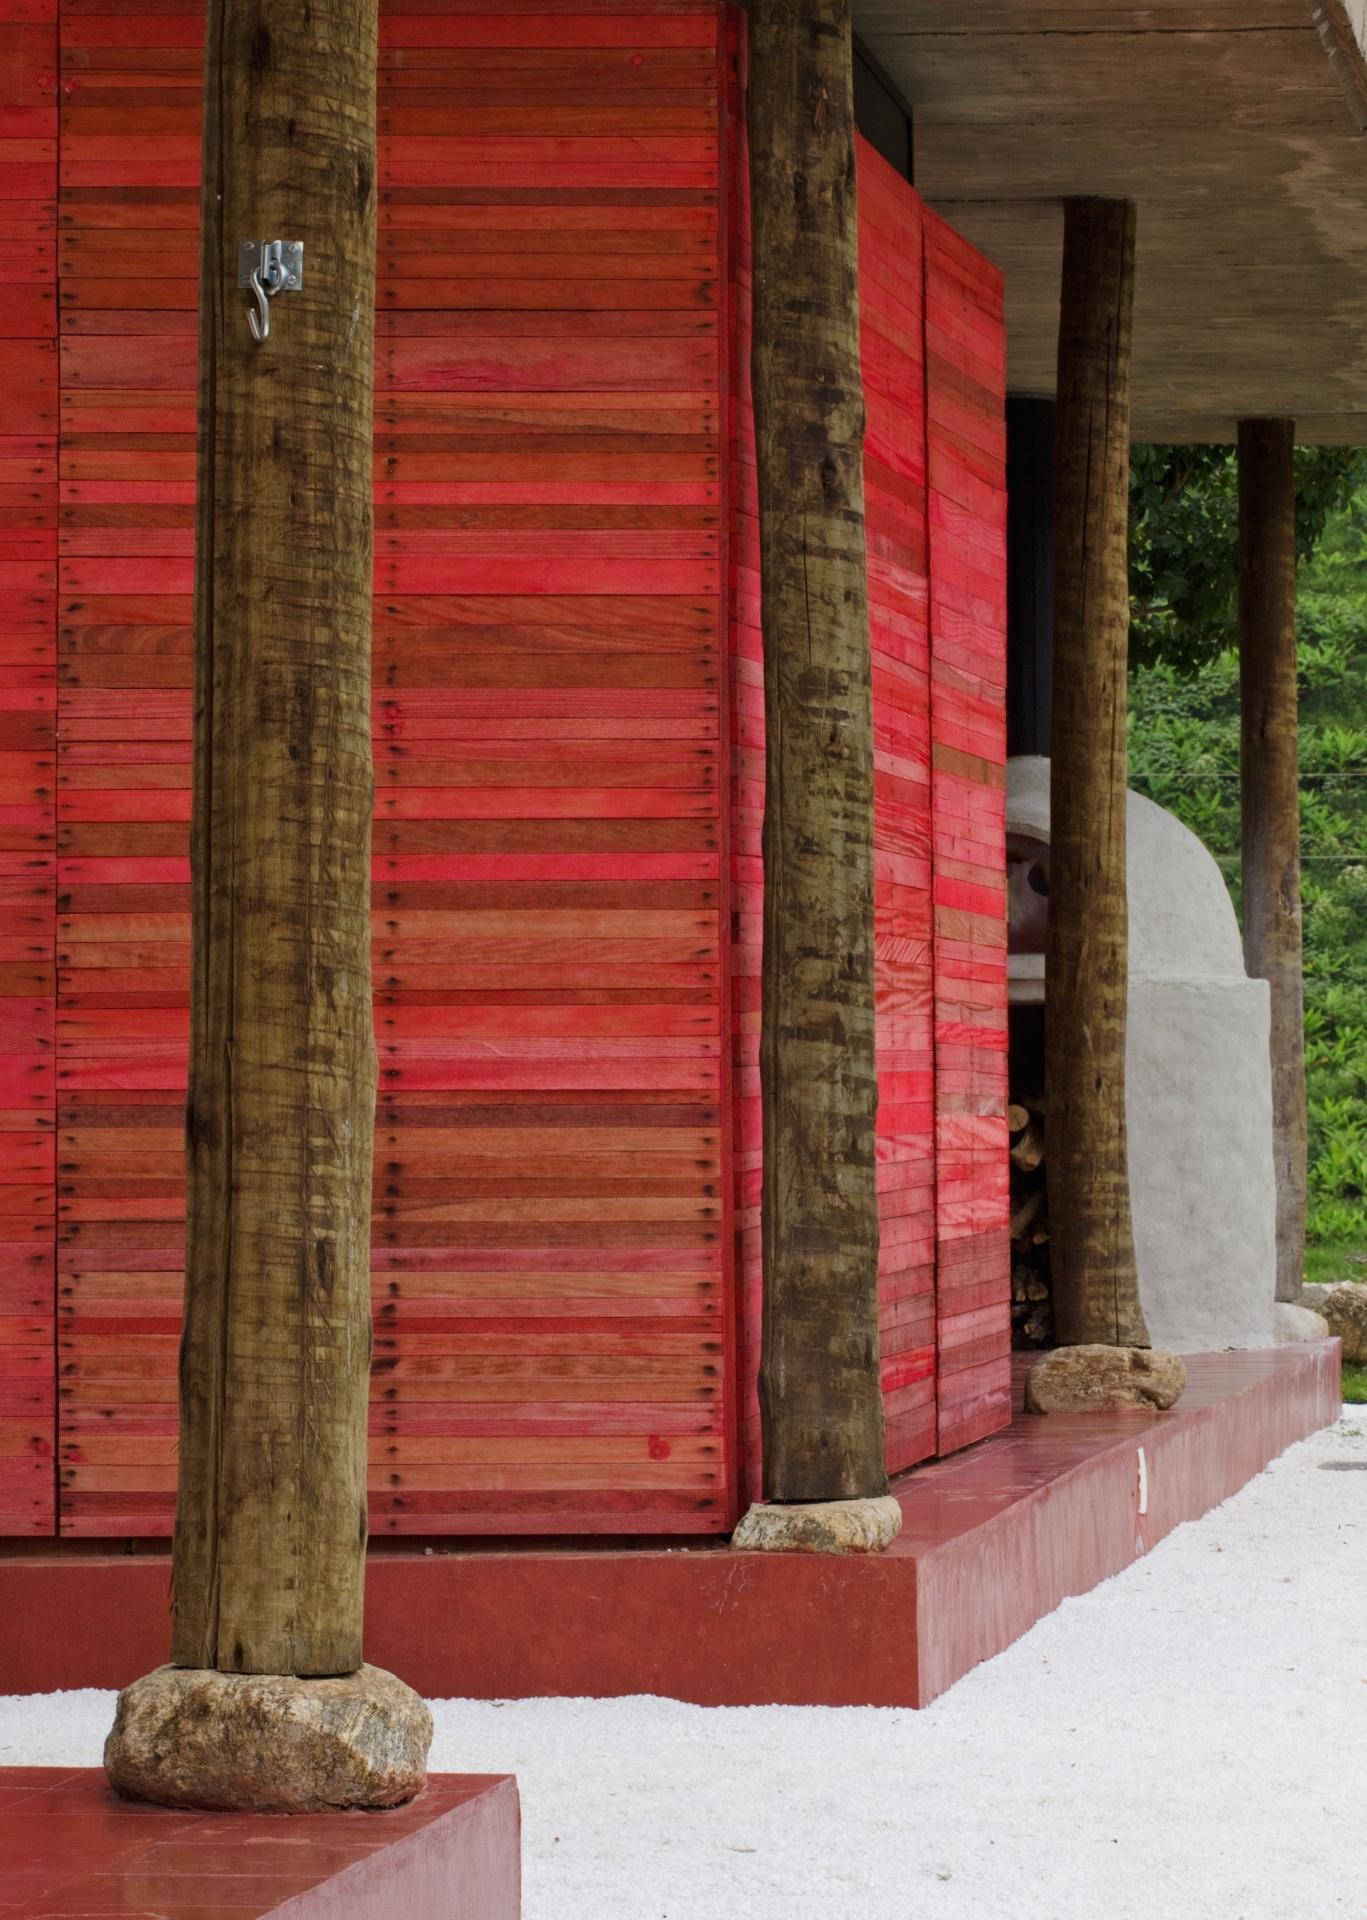 O pequeno lavabo foi implantado na varanda da casa Dom Viçoso, projetada pelo arquiteto Marcelo Ferraz. Em alvenaria, o volume foi revestido com madeira e pintado em vermelho, contrastando com as paredes caiadas da casa. Destaque para as colunas de eucalipto